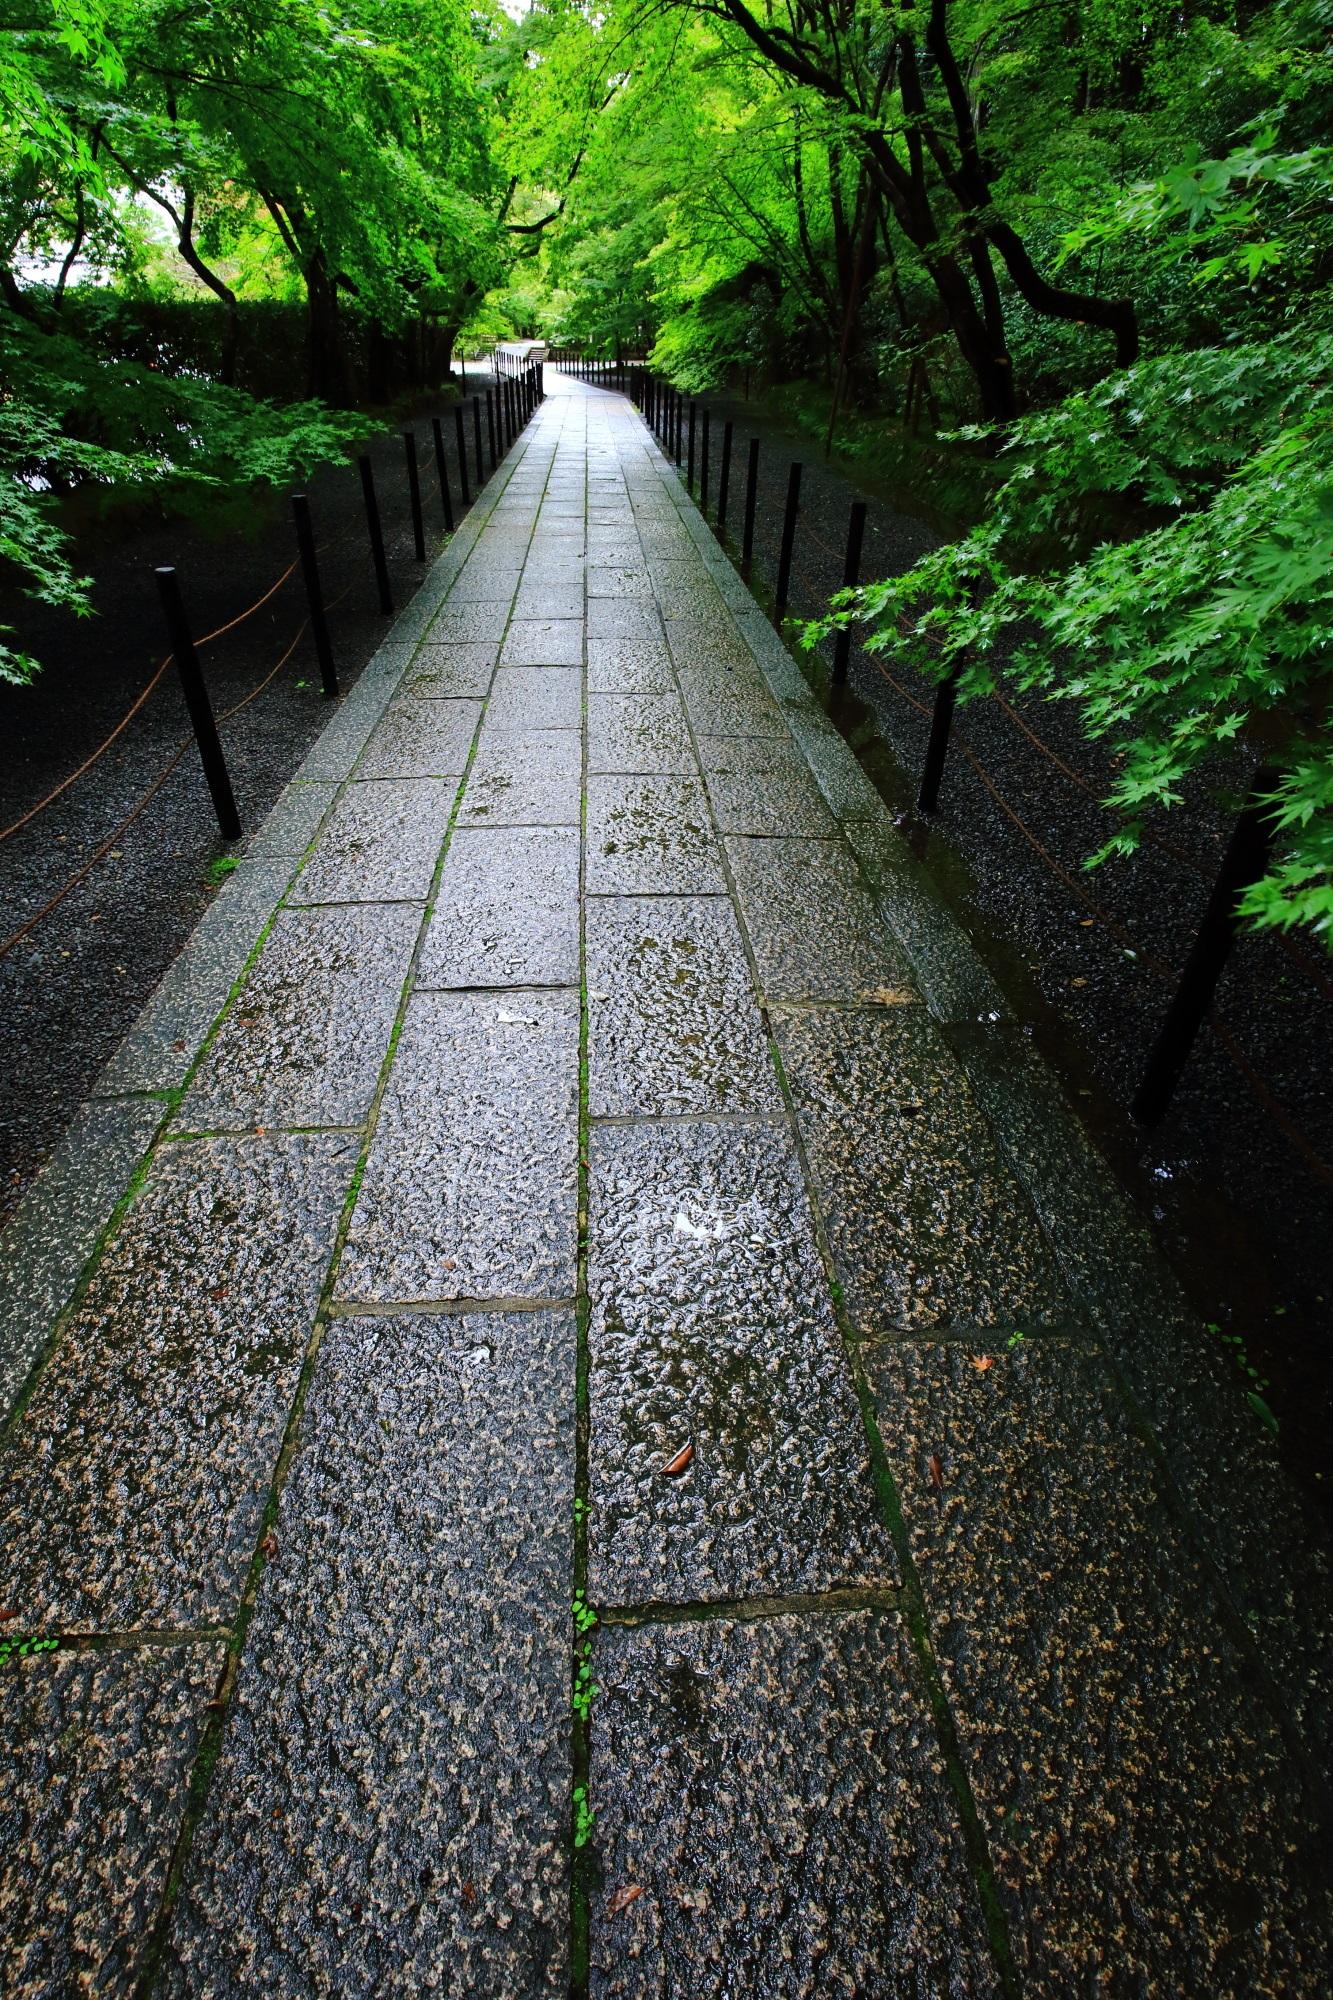 西山光明寺の雨に濡れた風情あるモミジ参道